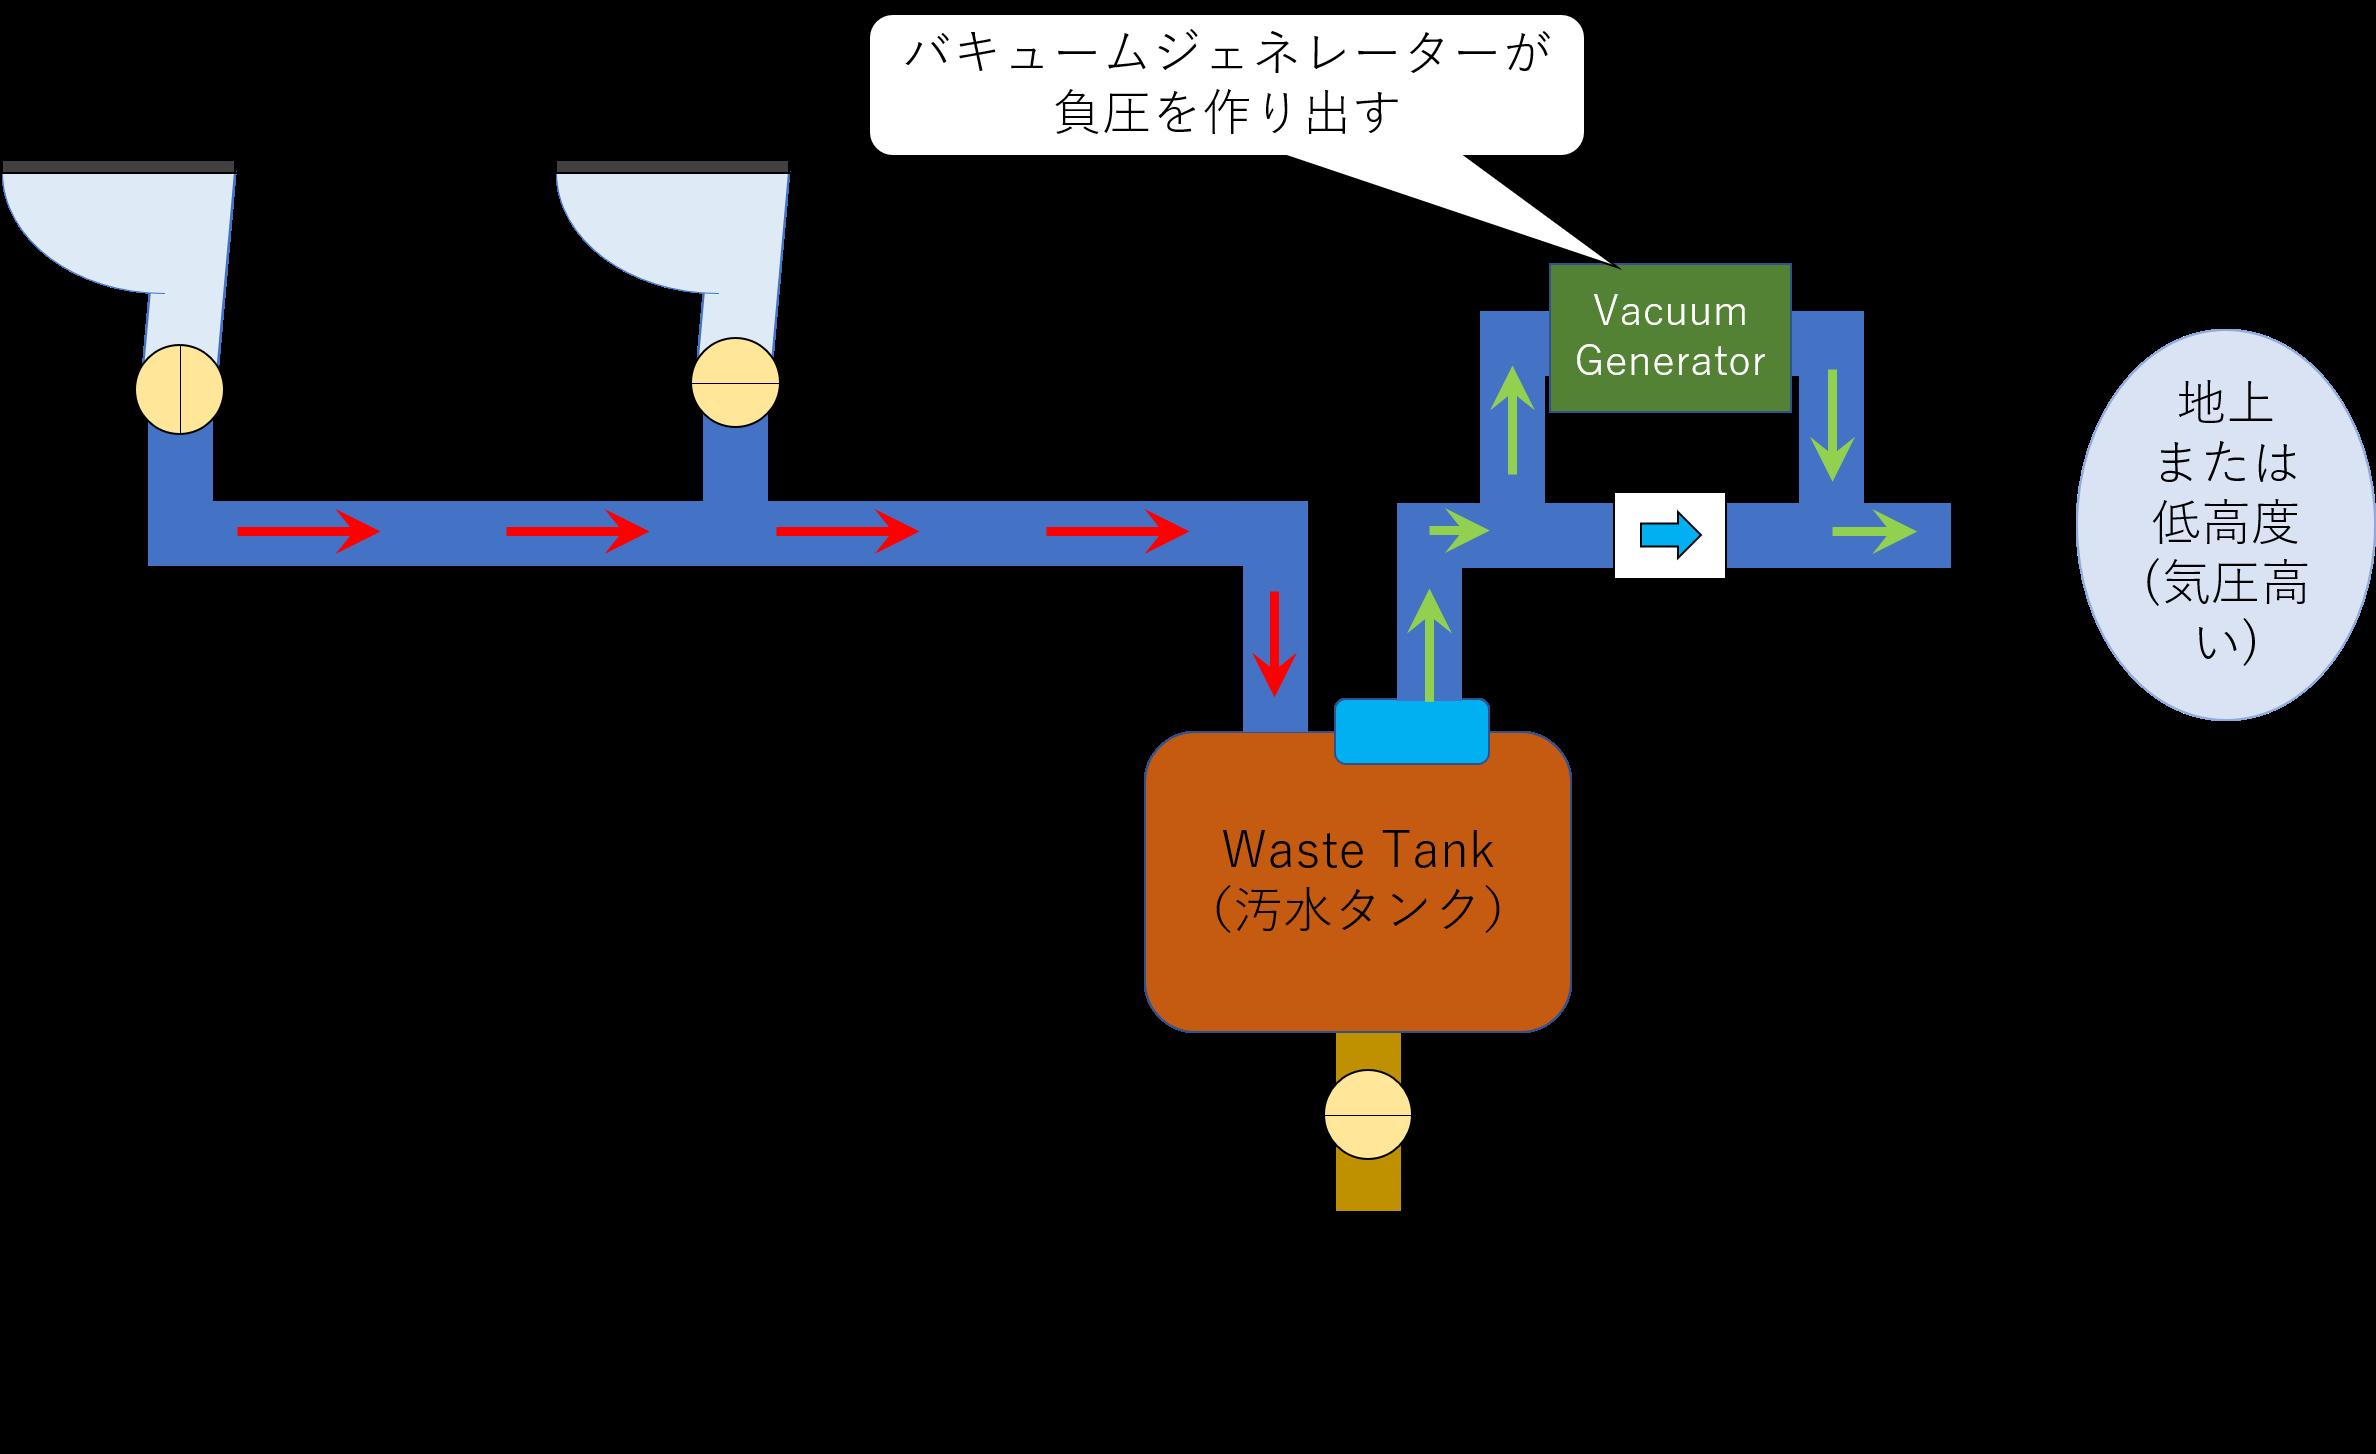 バキュームジェネレーターの役割の図